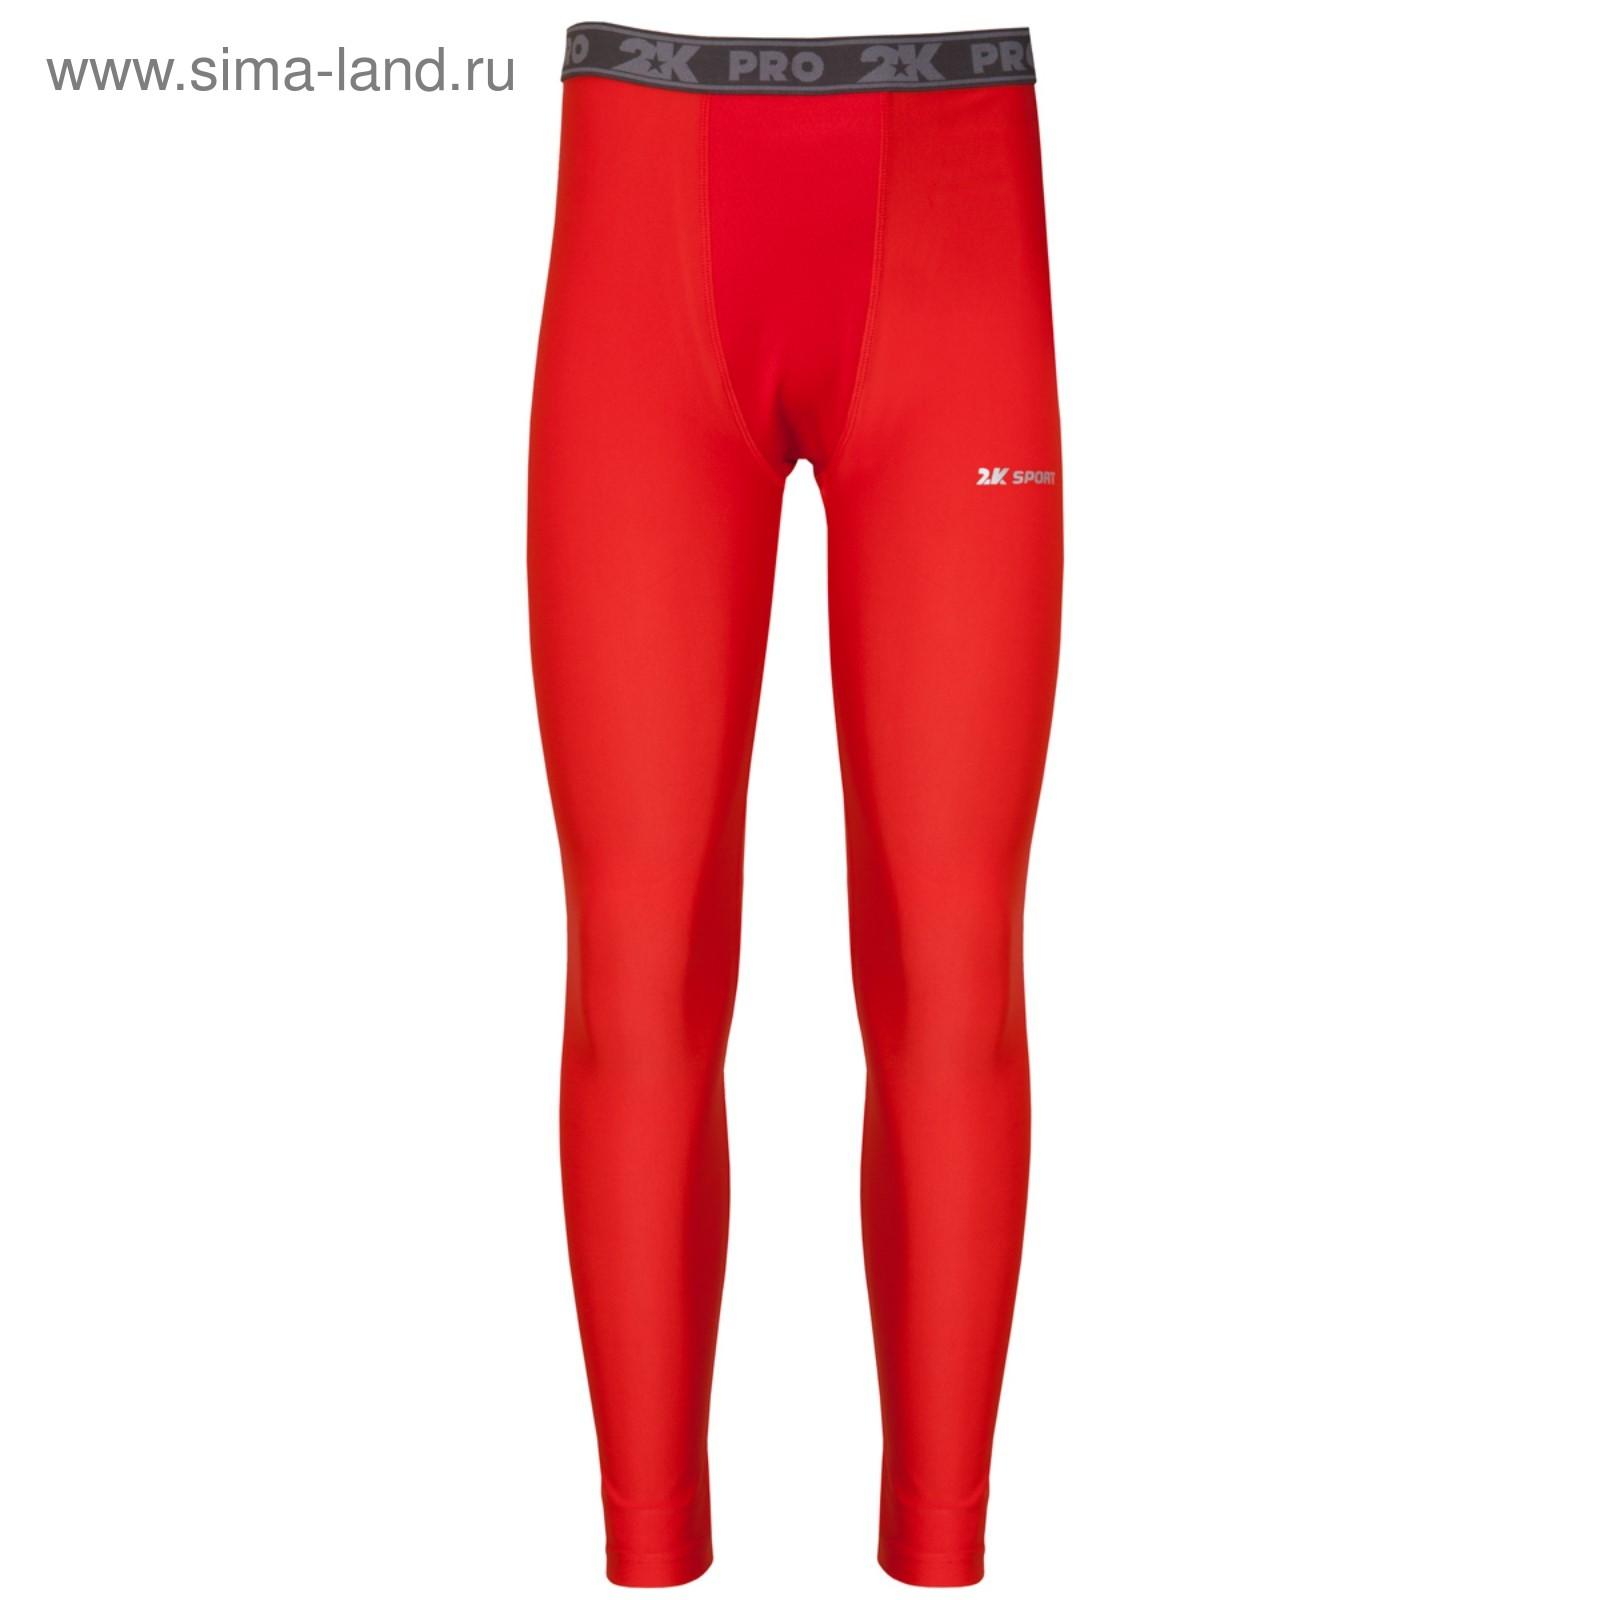 c4fc12ac5042f Леггинсы детские 2K Sport Team red, YL (3943920) - Купить по цене от ...